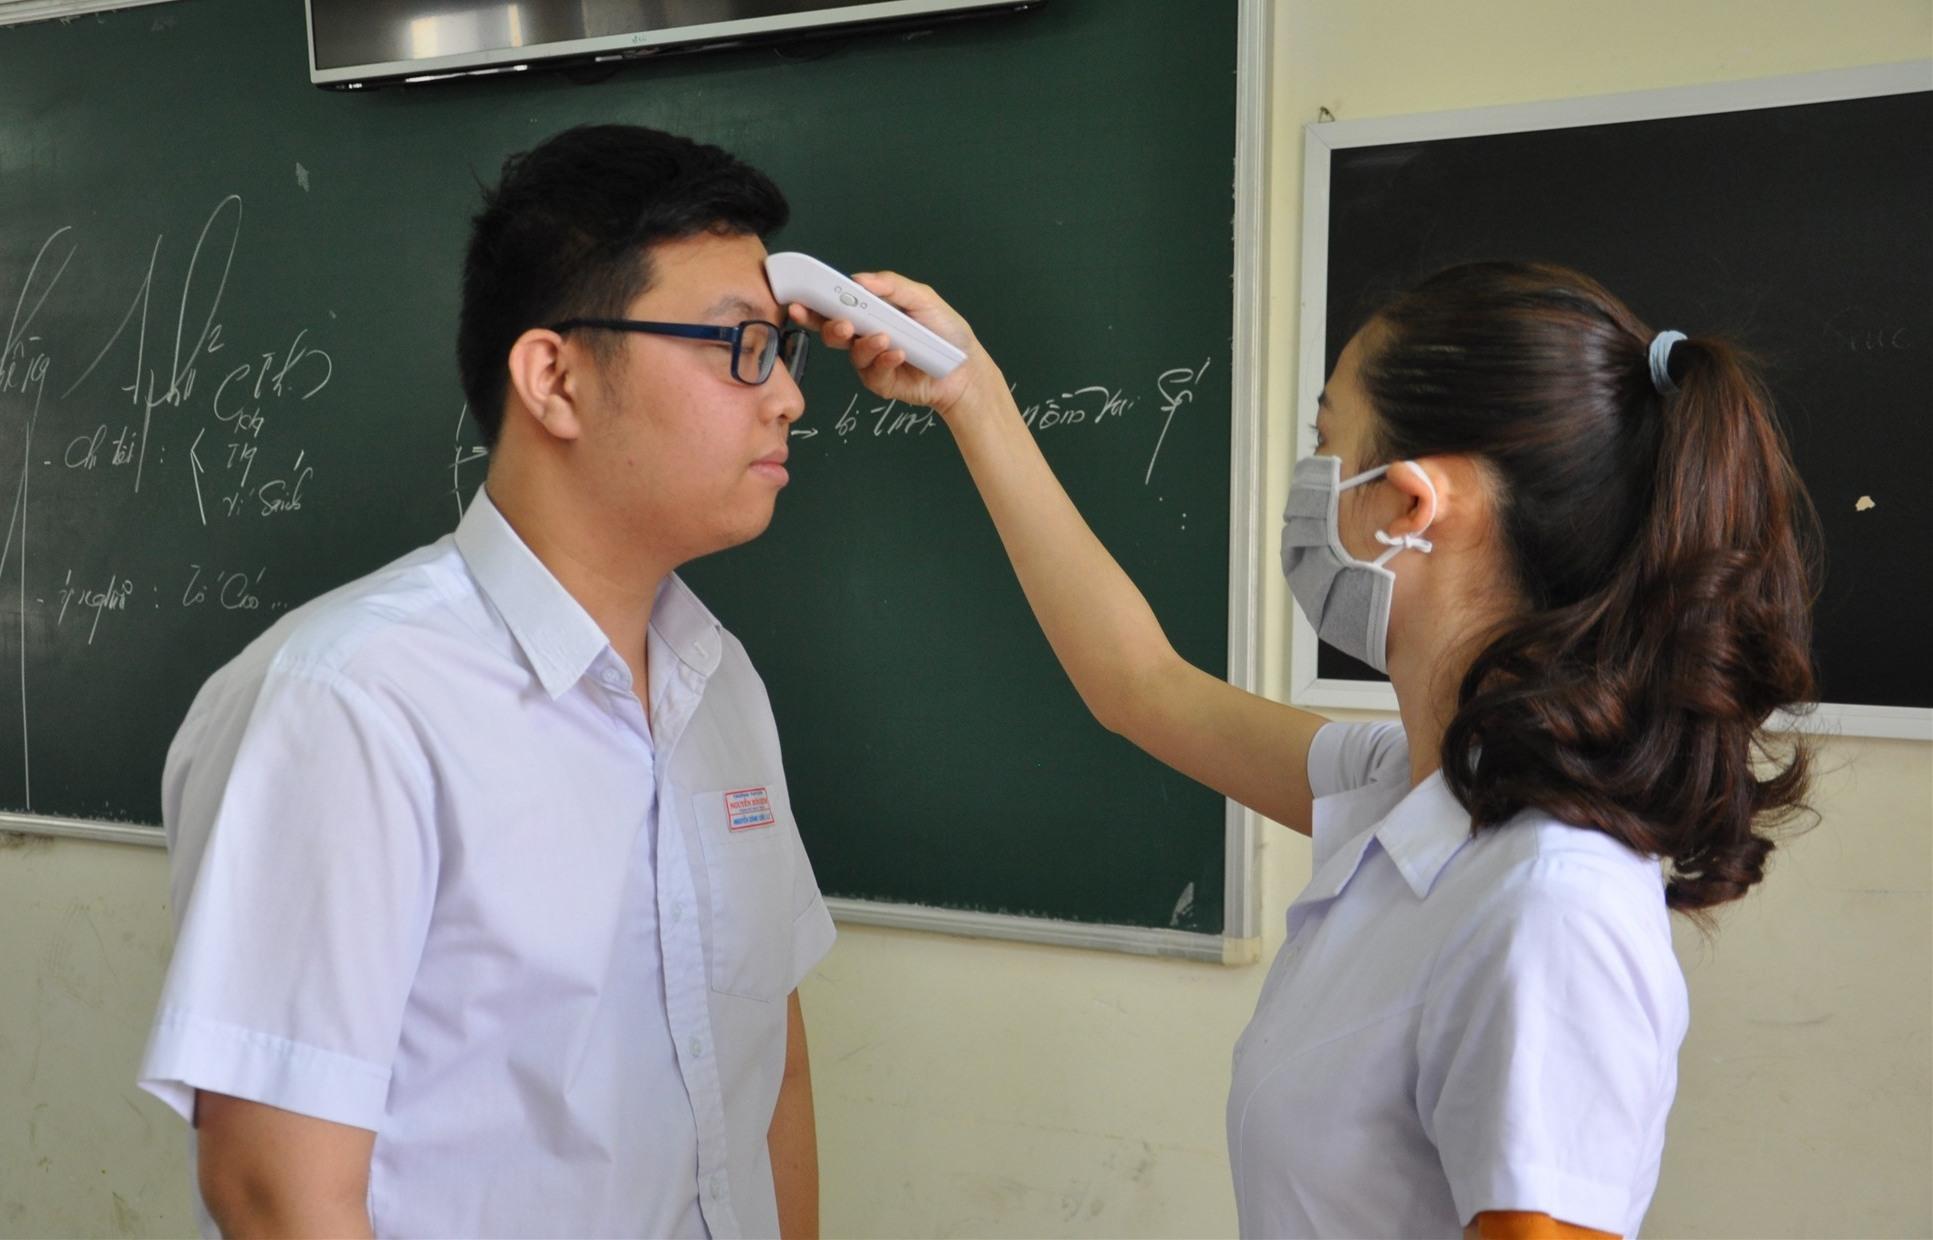 Đo thân nhiệt cho HS để sớm phát hiện trường hợp bị sốt nhằ phòng tránh nguy cơ dịch bệnh. Ảnh: X.P